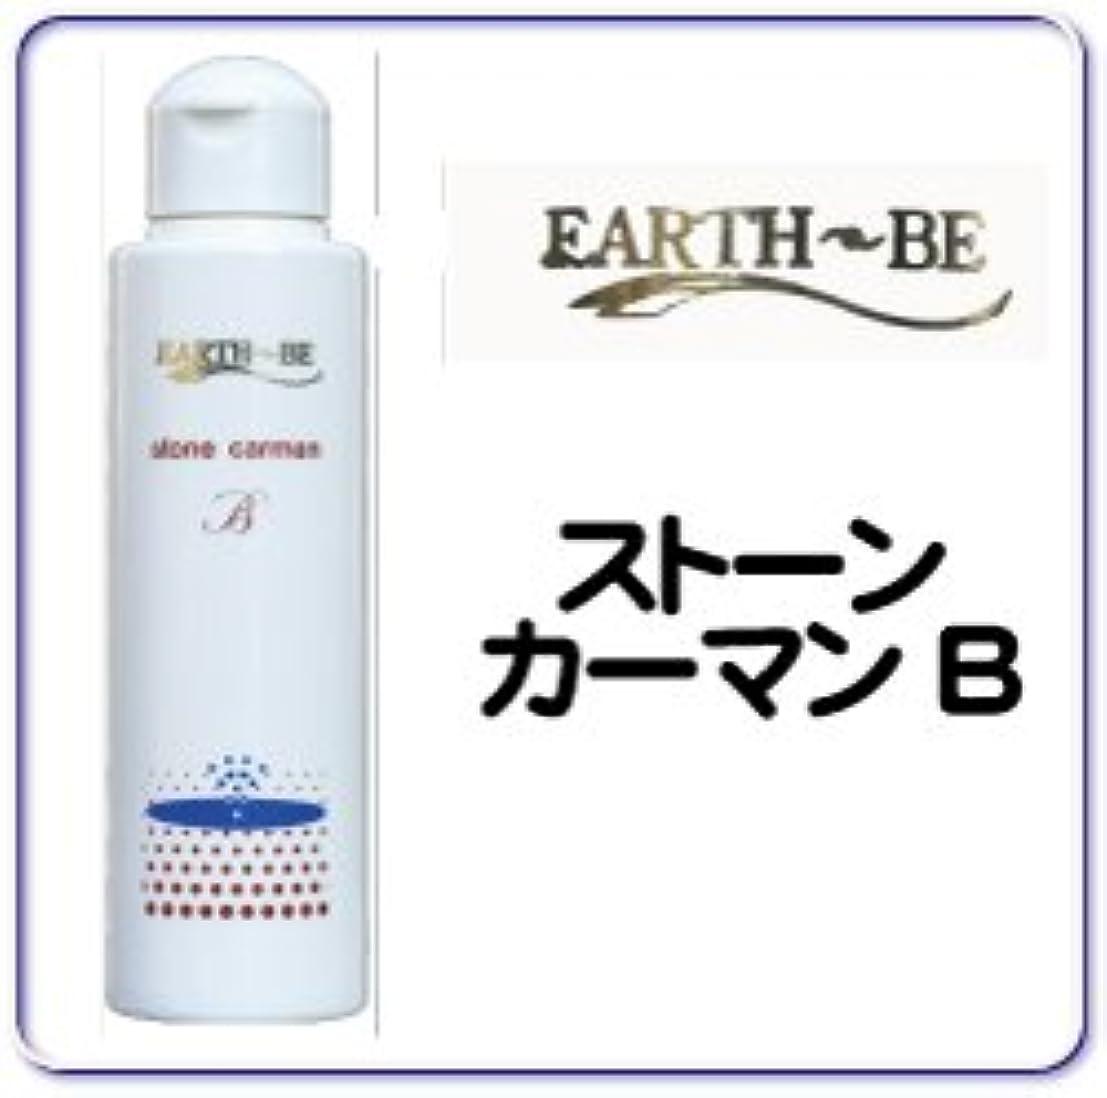 プレゼンテーションいいね補助ベルマン化粧品 EARTH-Bシリーズ  アースビ ストーン カーマンB  120ml 化粧水